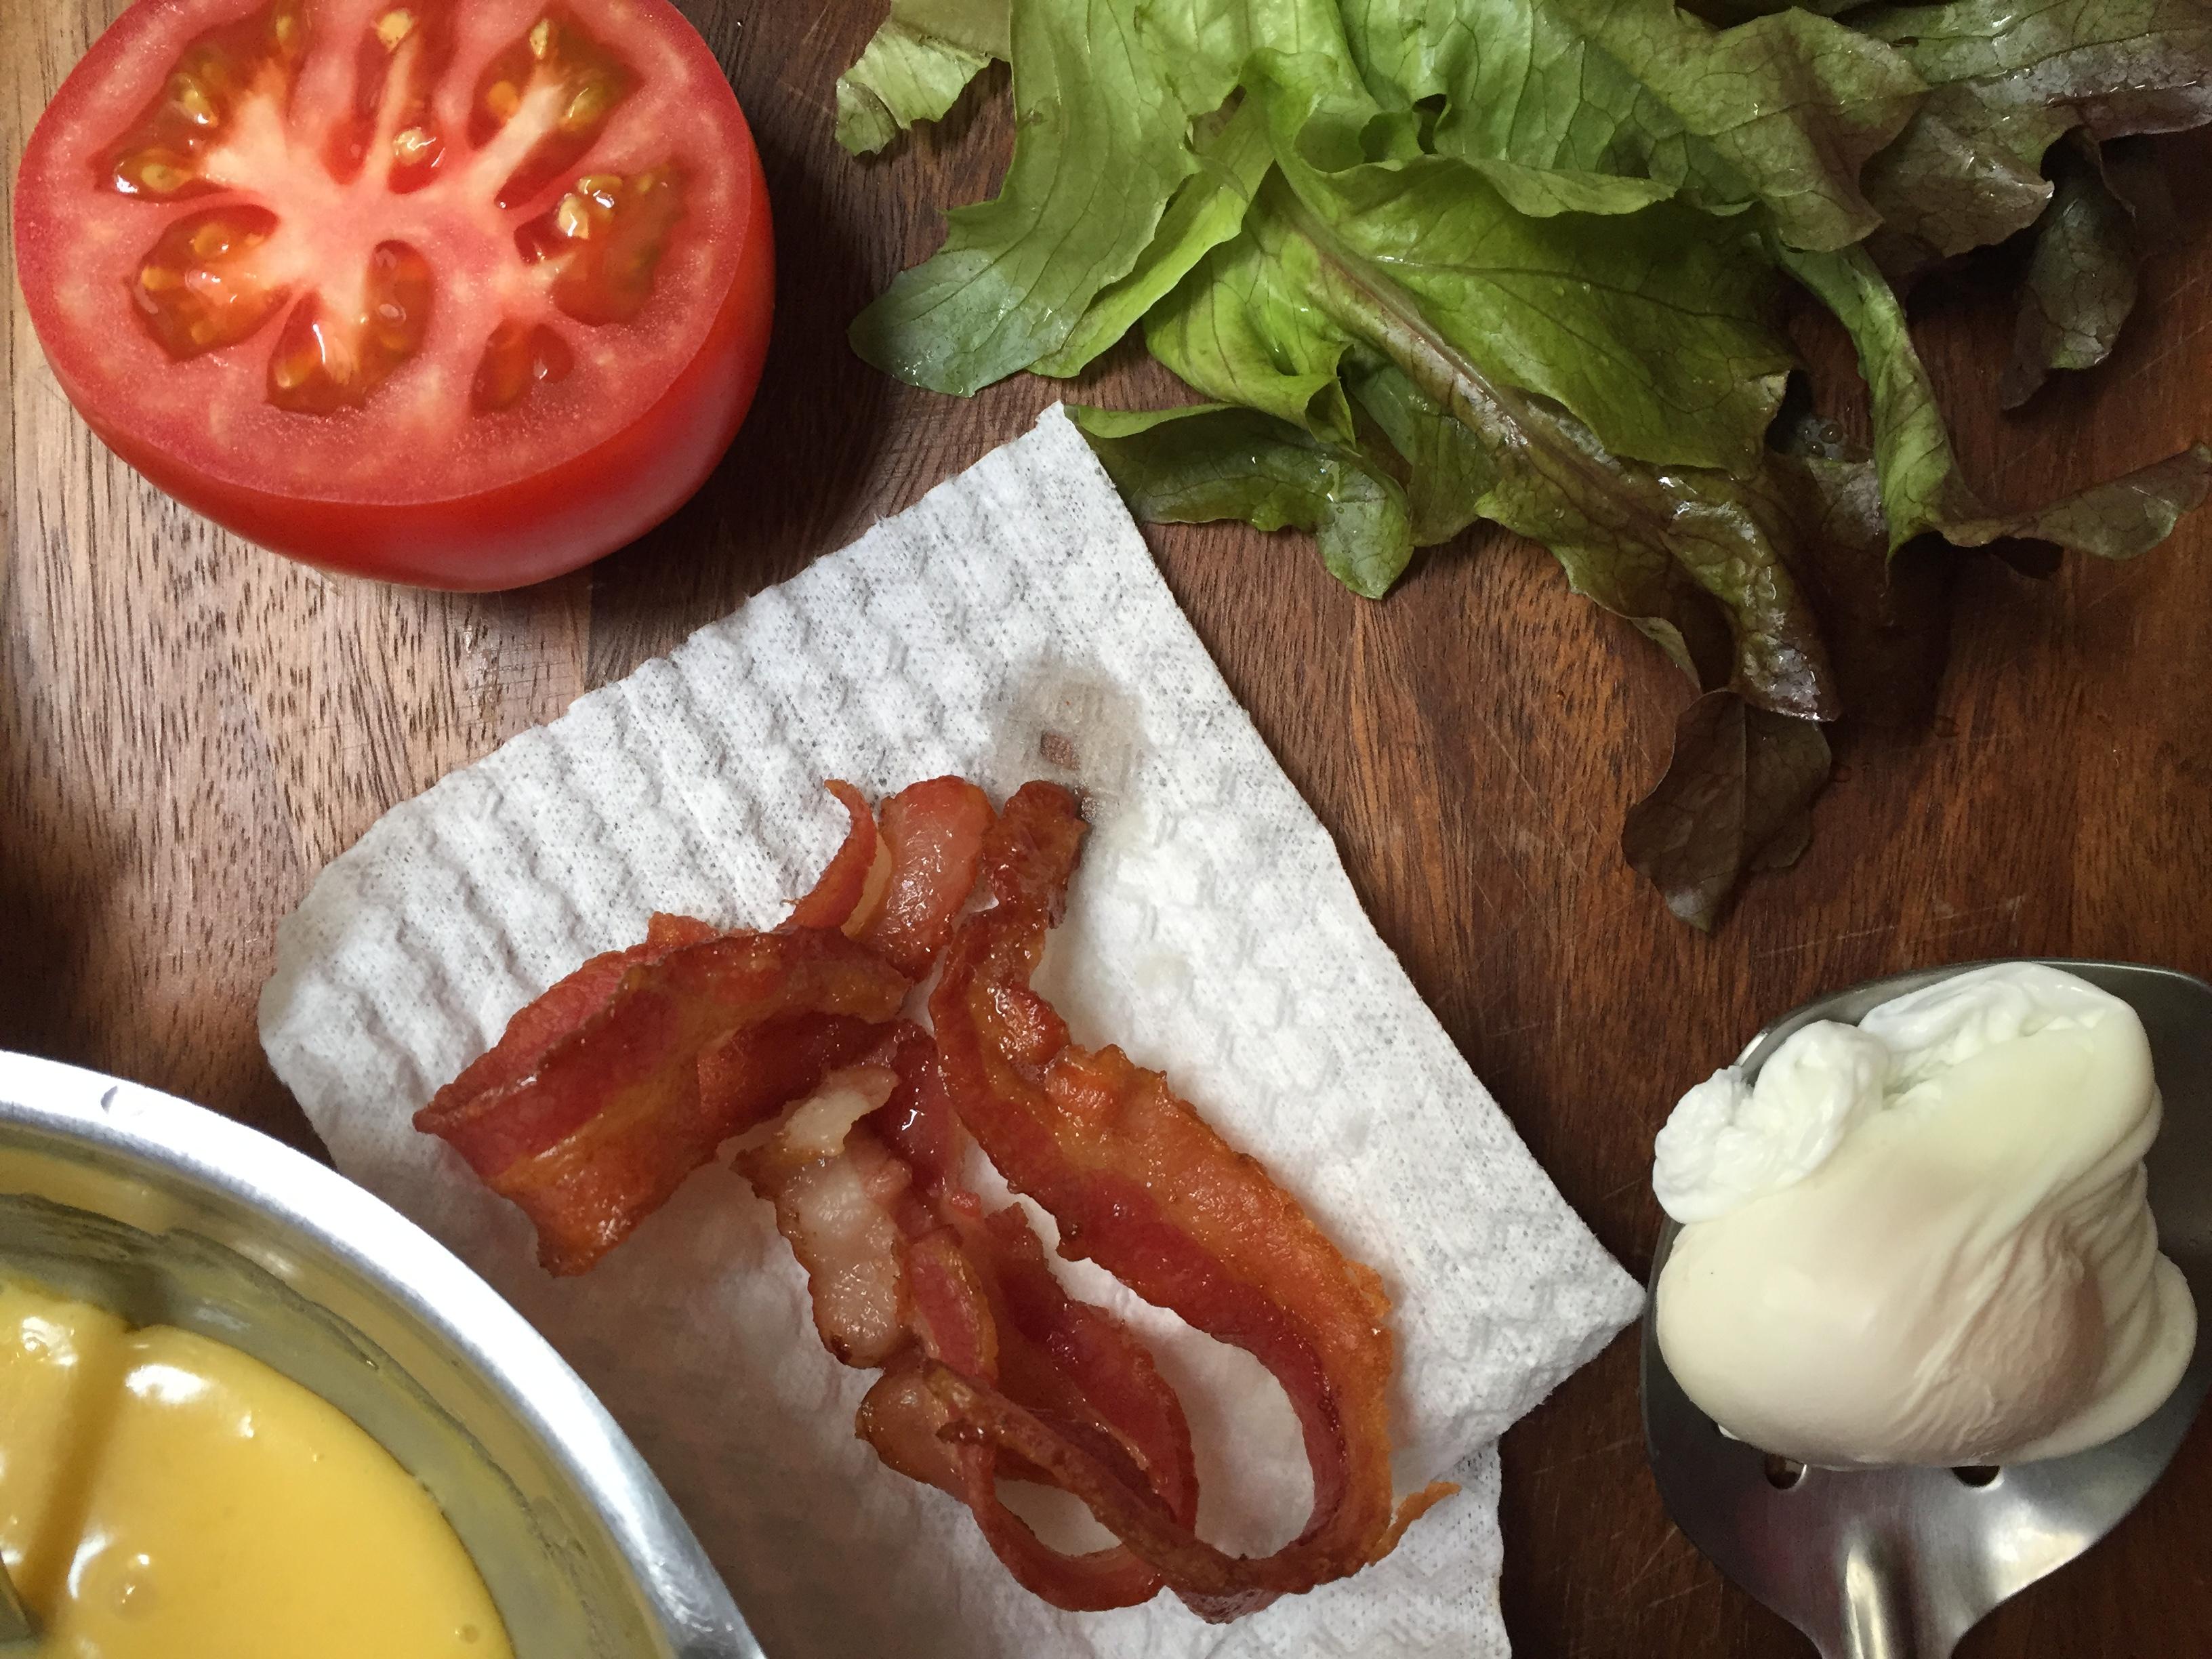 huevos benedictinos con tocino, lechuga y tomate